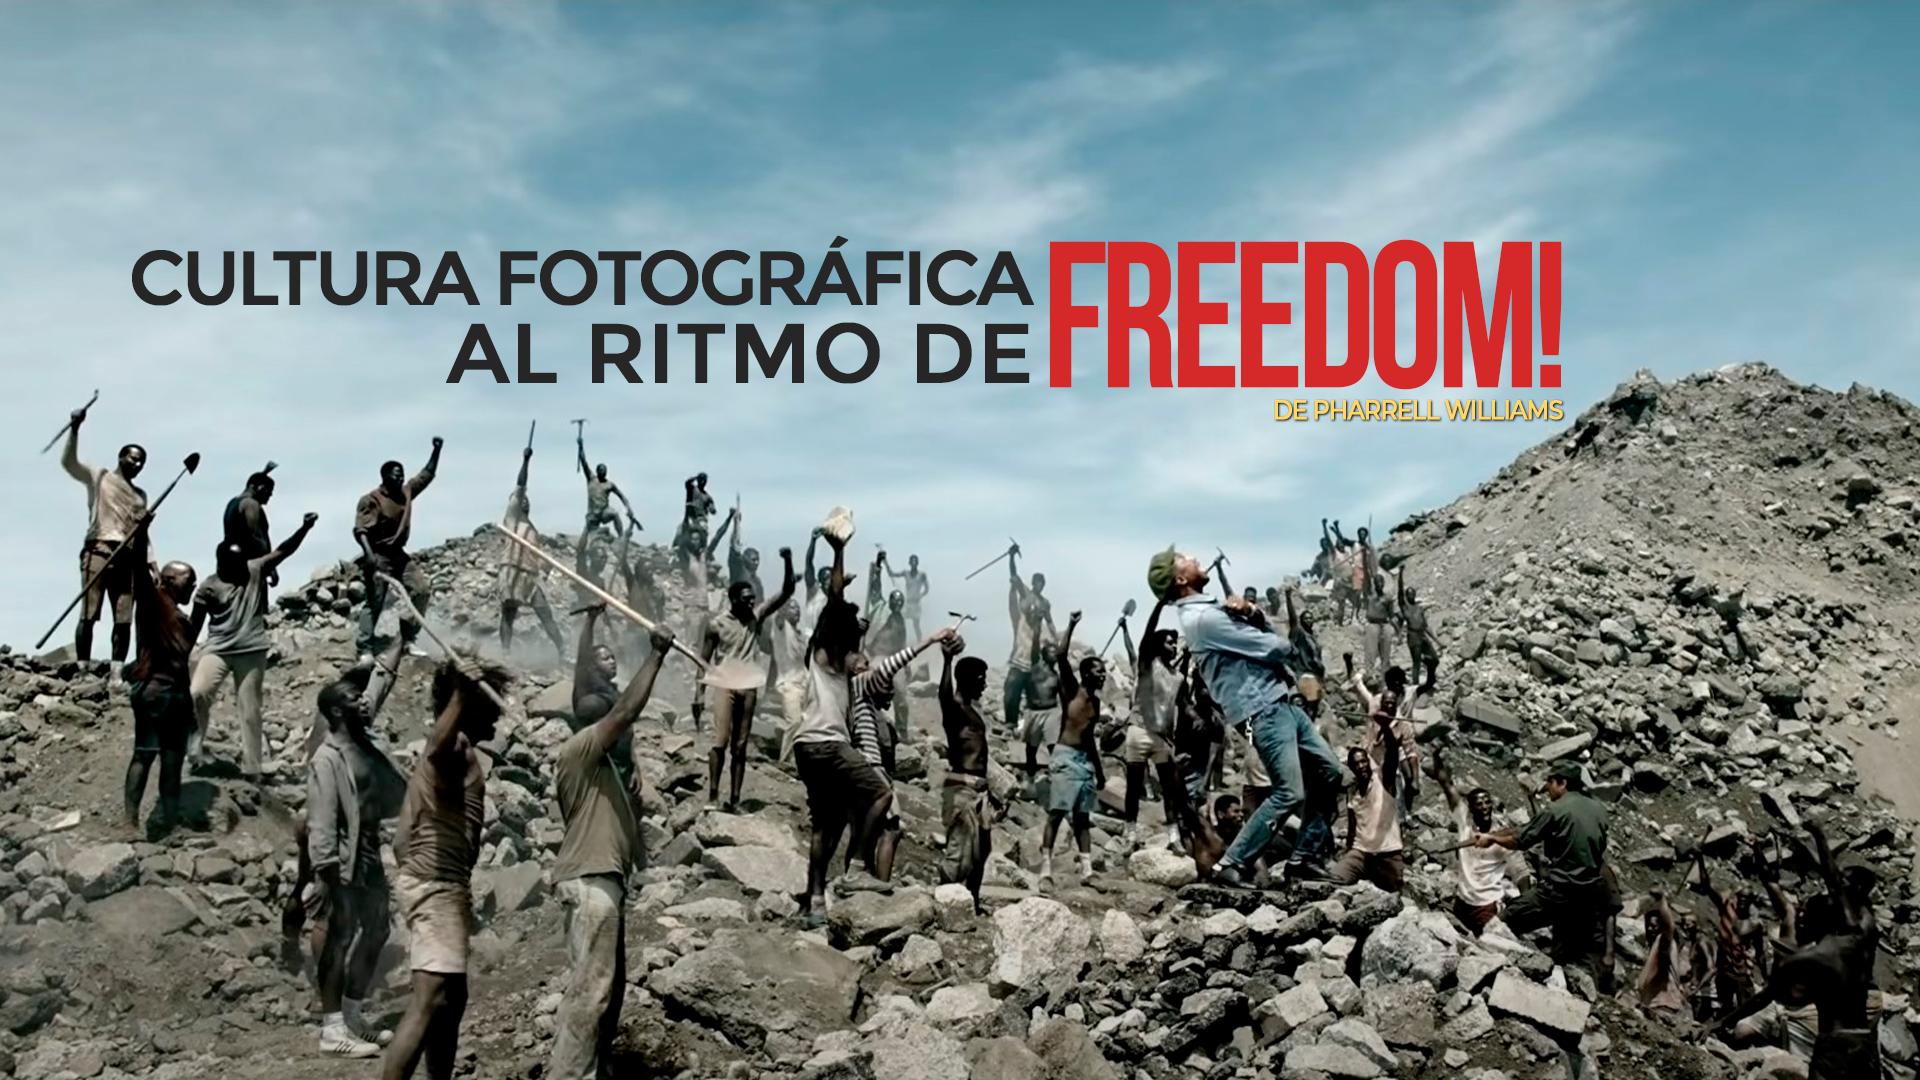 Cultura fotográfica al ritmo de 'Freedom'